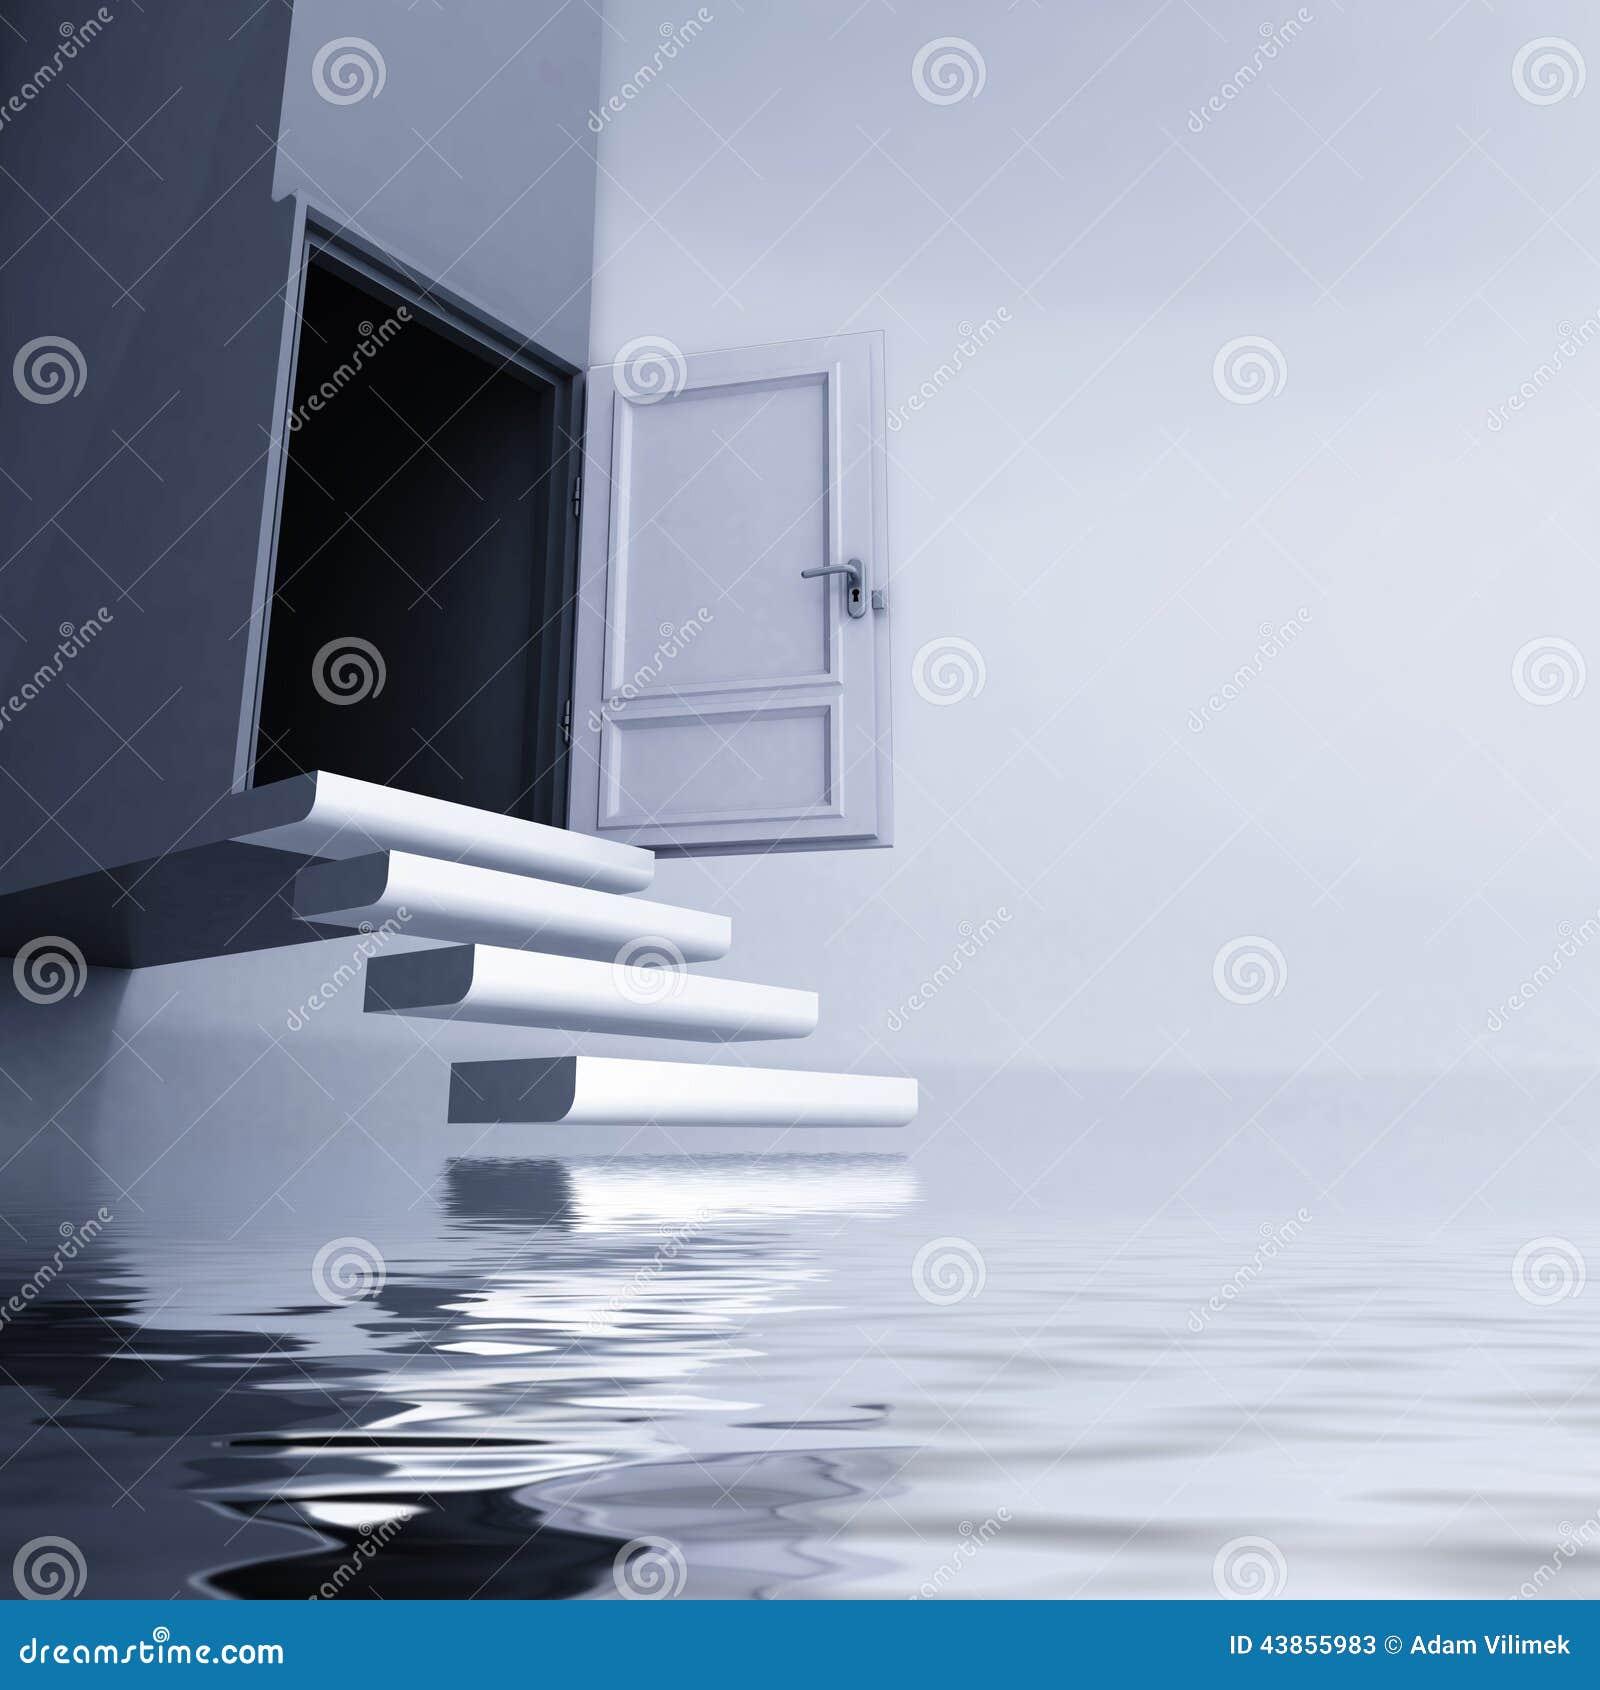 Bezaubernd Schwebende Treppe Beste Wahl Pattern Frei Mit Offener Tür Entgeht Vom